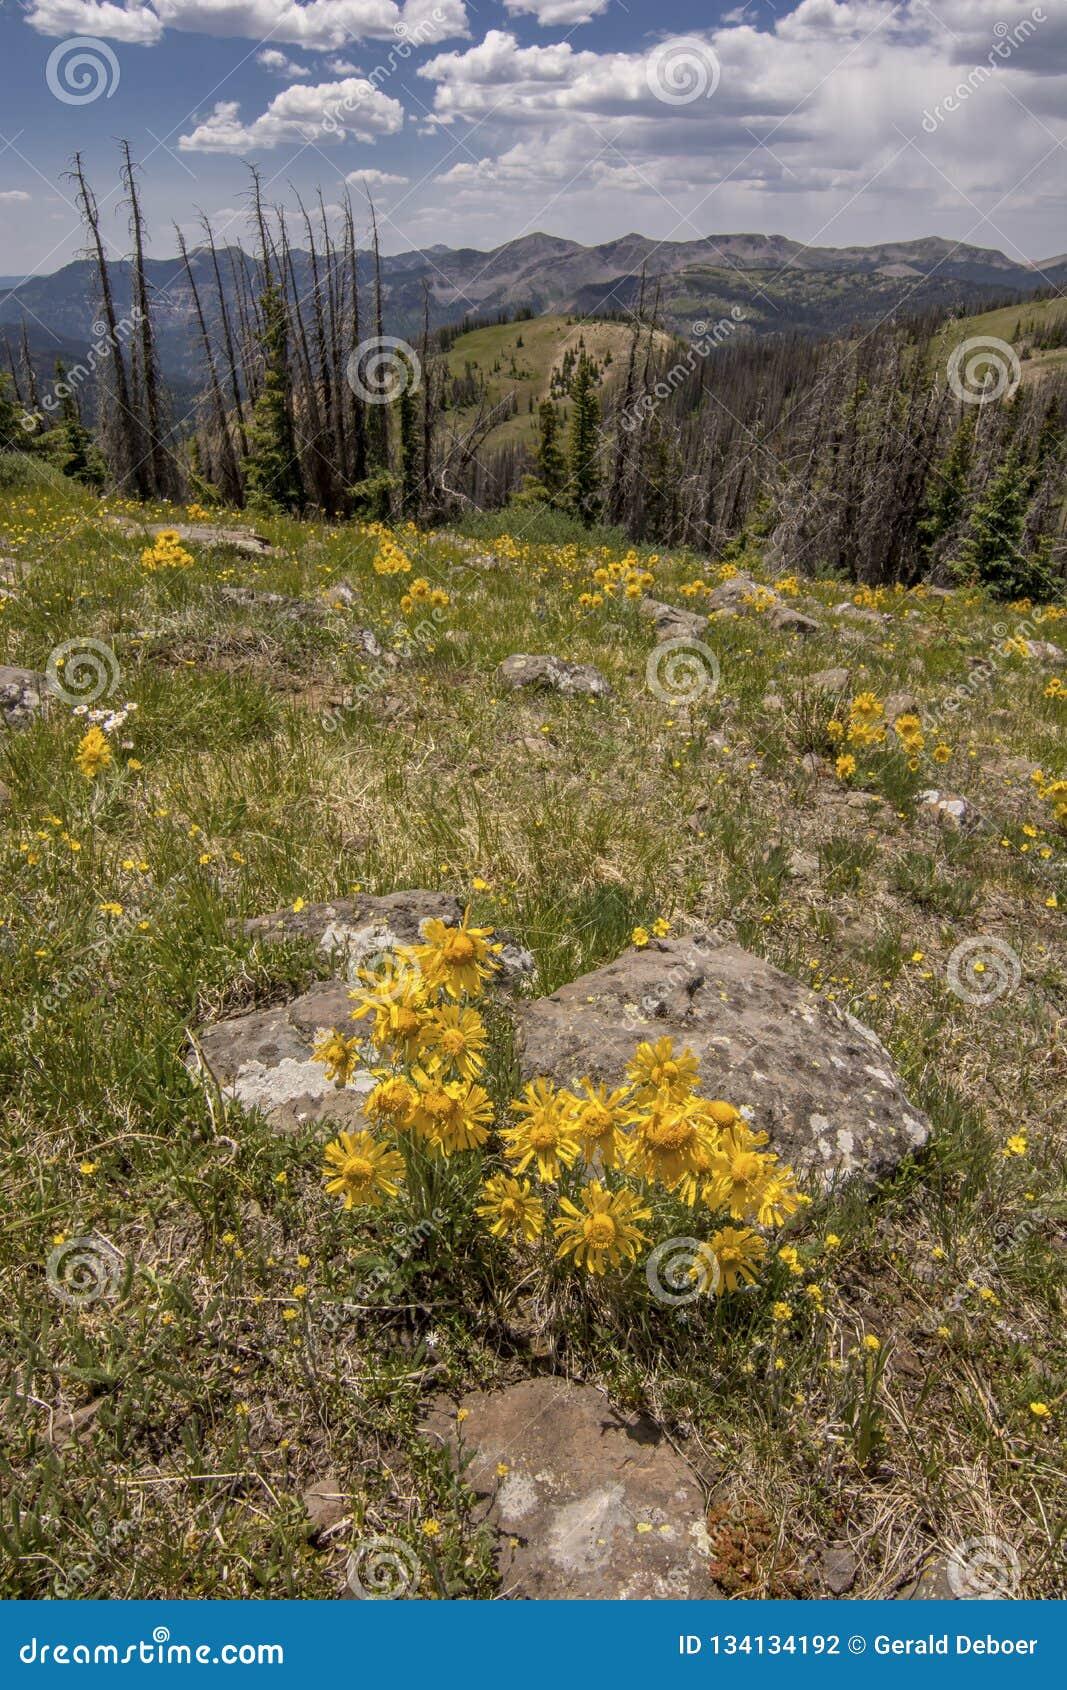 Colorado Mountain Top